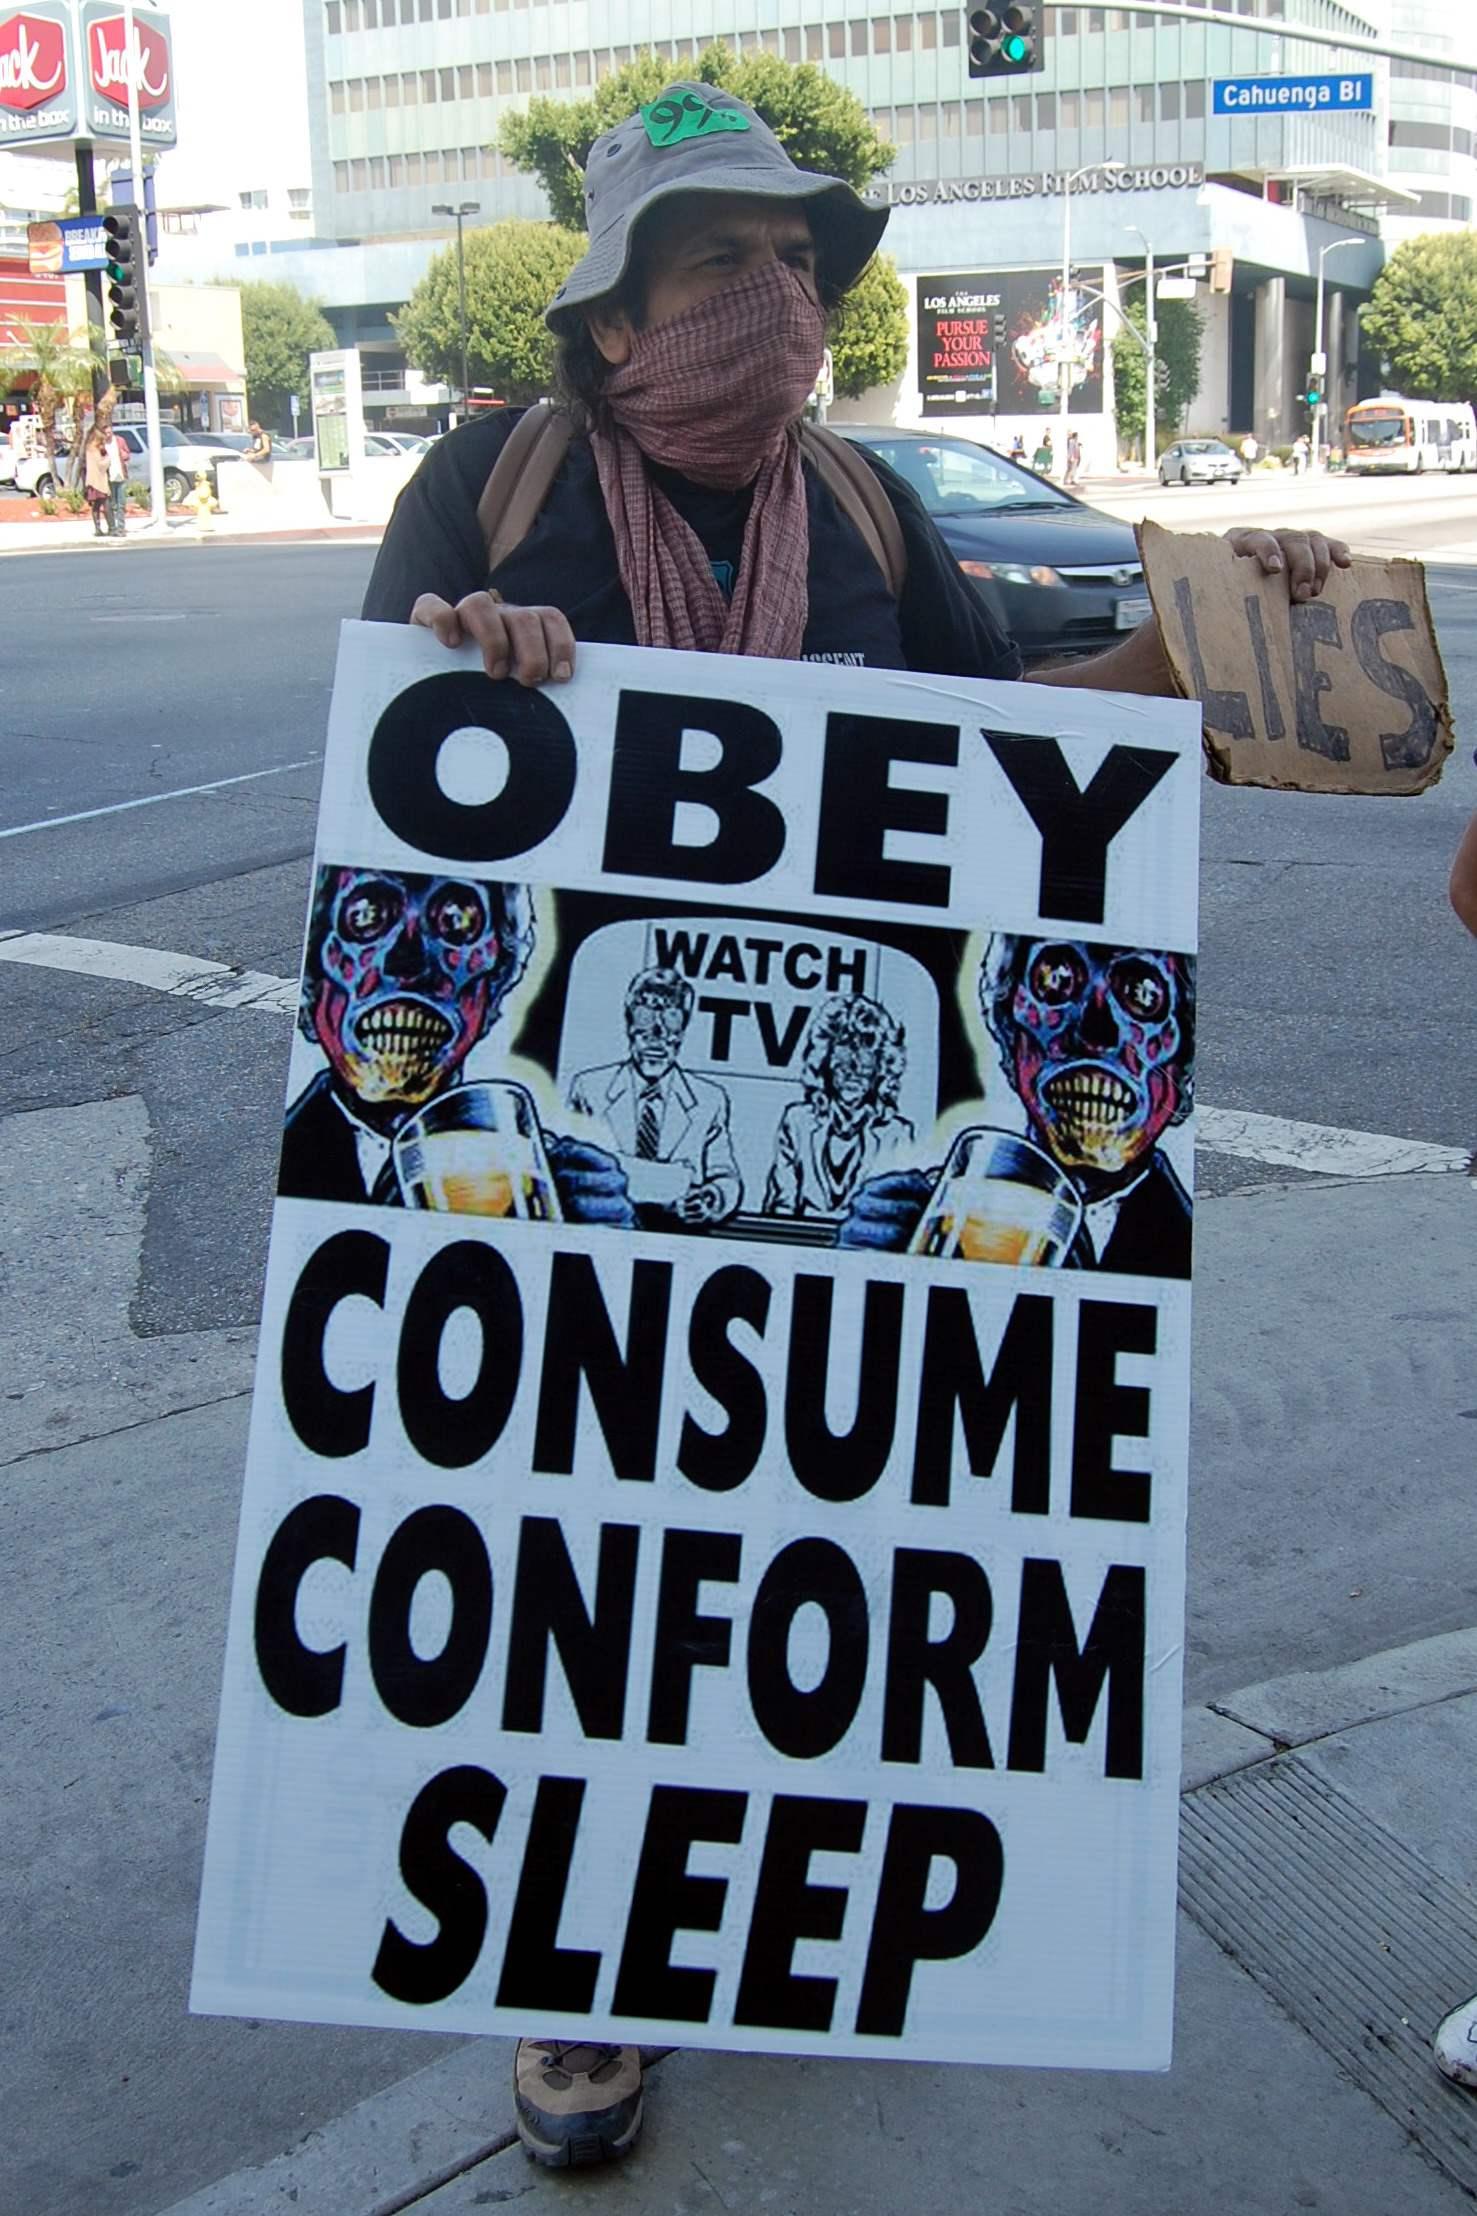 OBEY. CONSUME. CONFO...